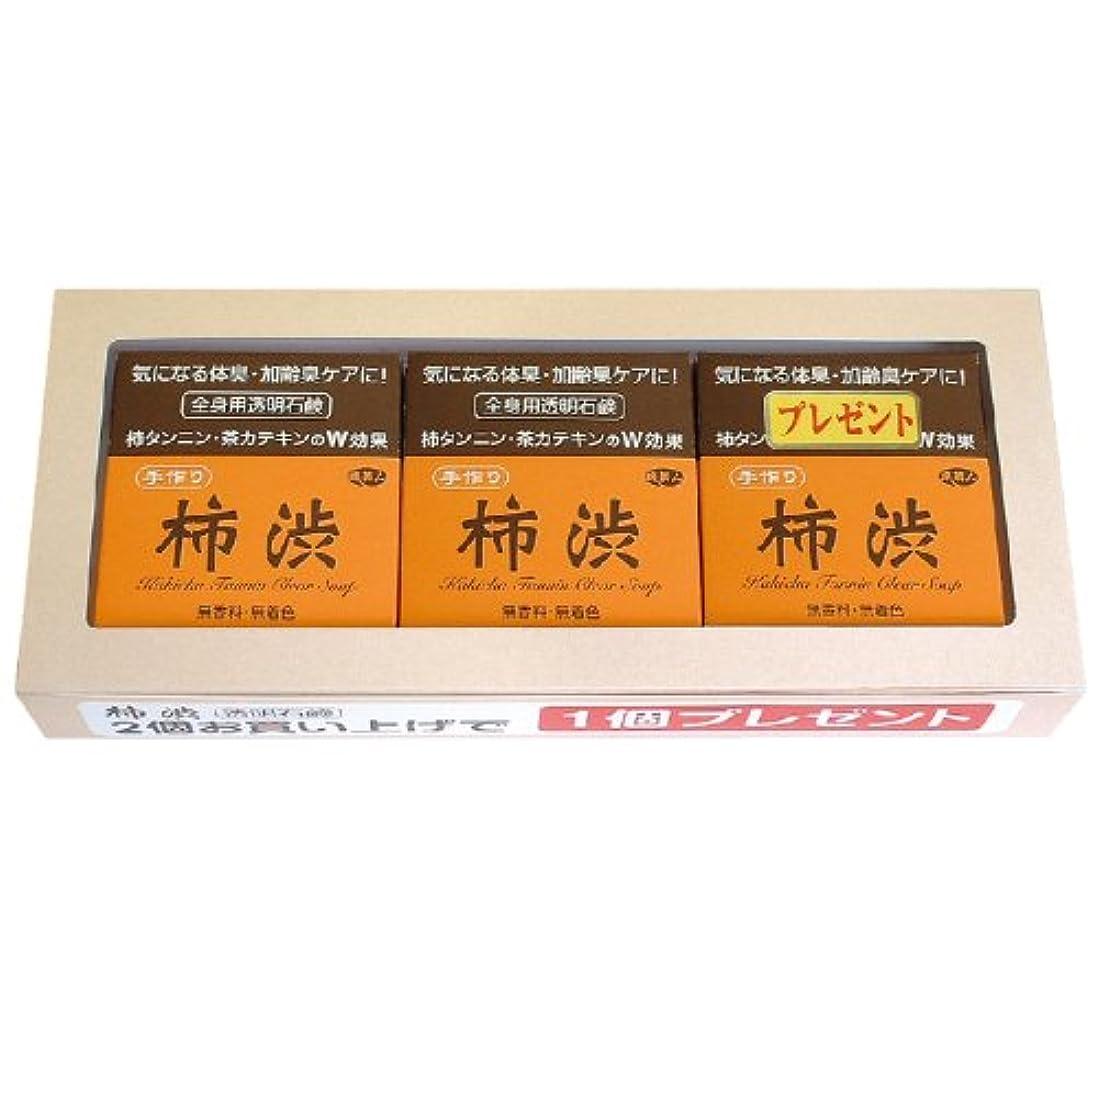 その後記憶に残るセーブアズマ商事の 柿渋透明石鹸 2個の値段で3個入りセット